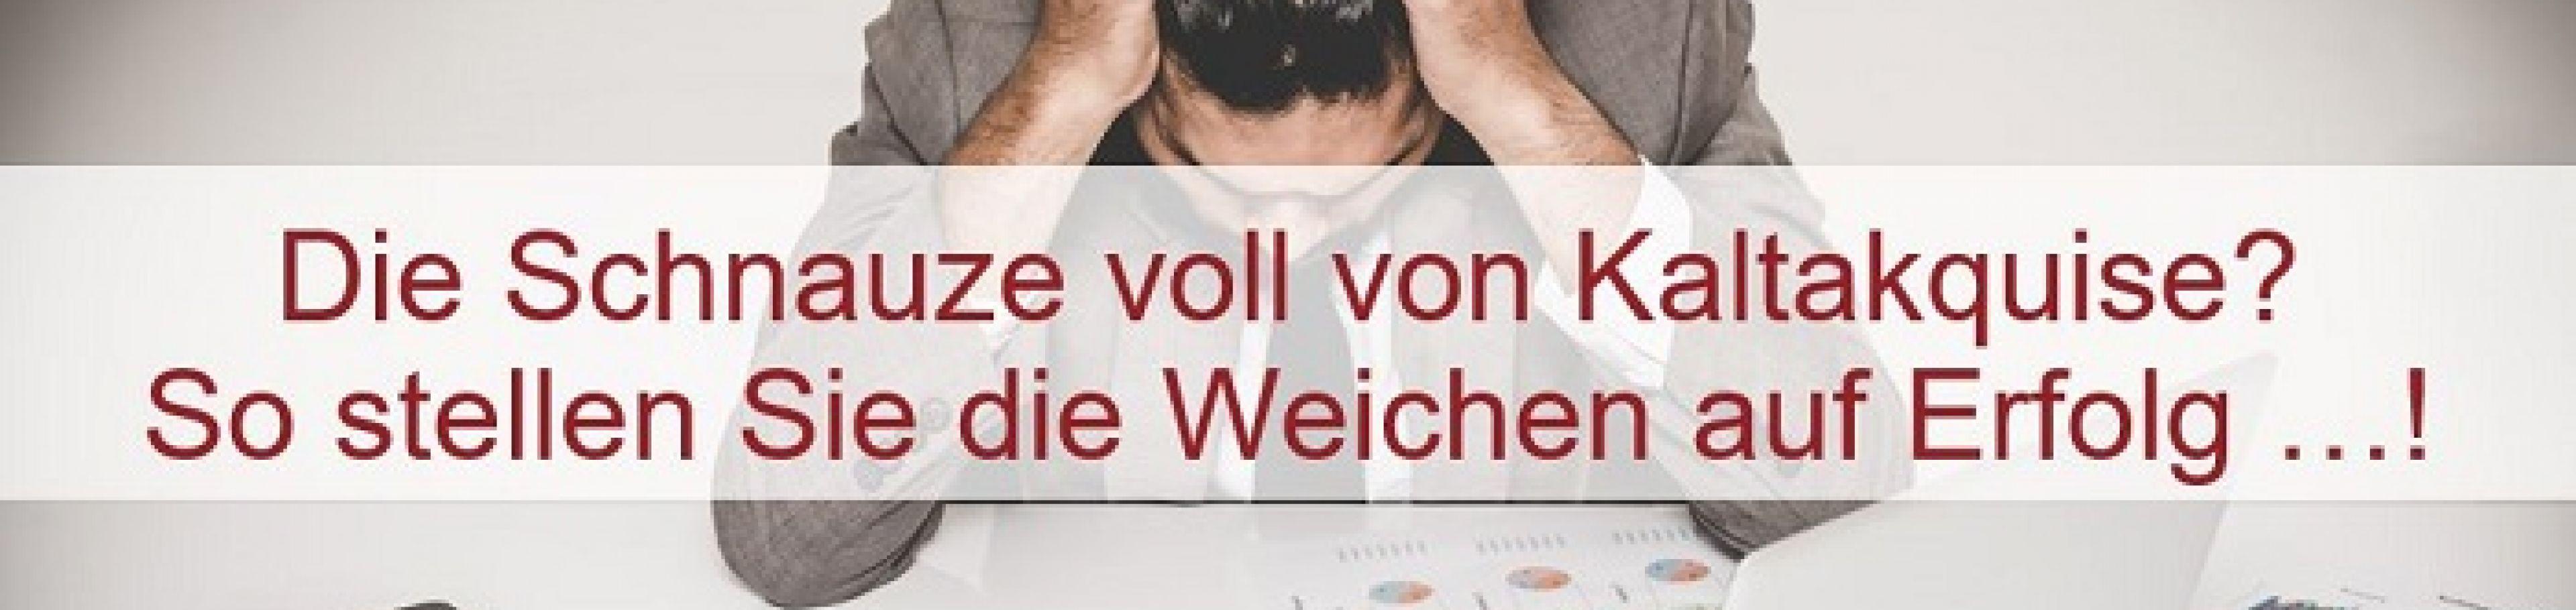 Vertriebspowertag: Schnauze voll von Kaltakquise?